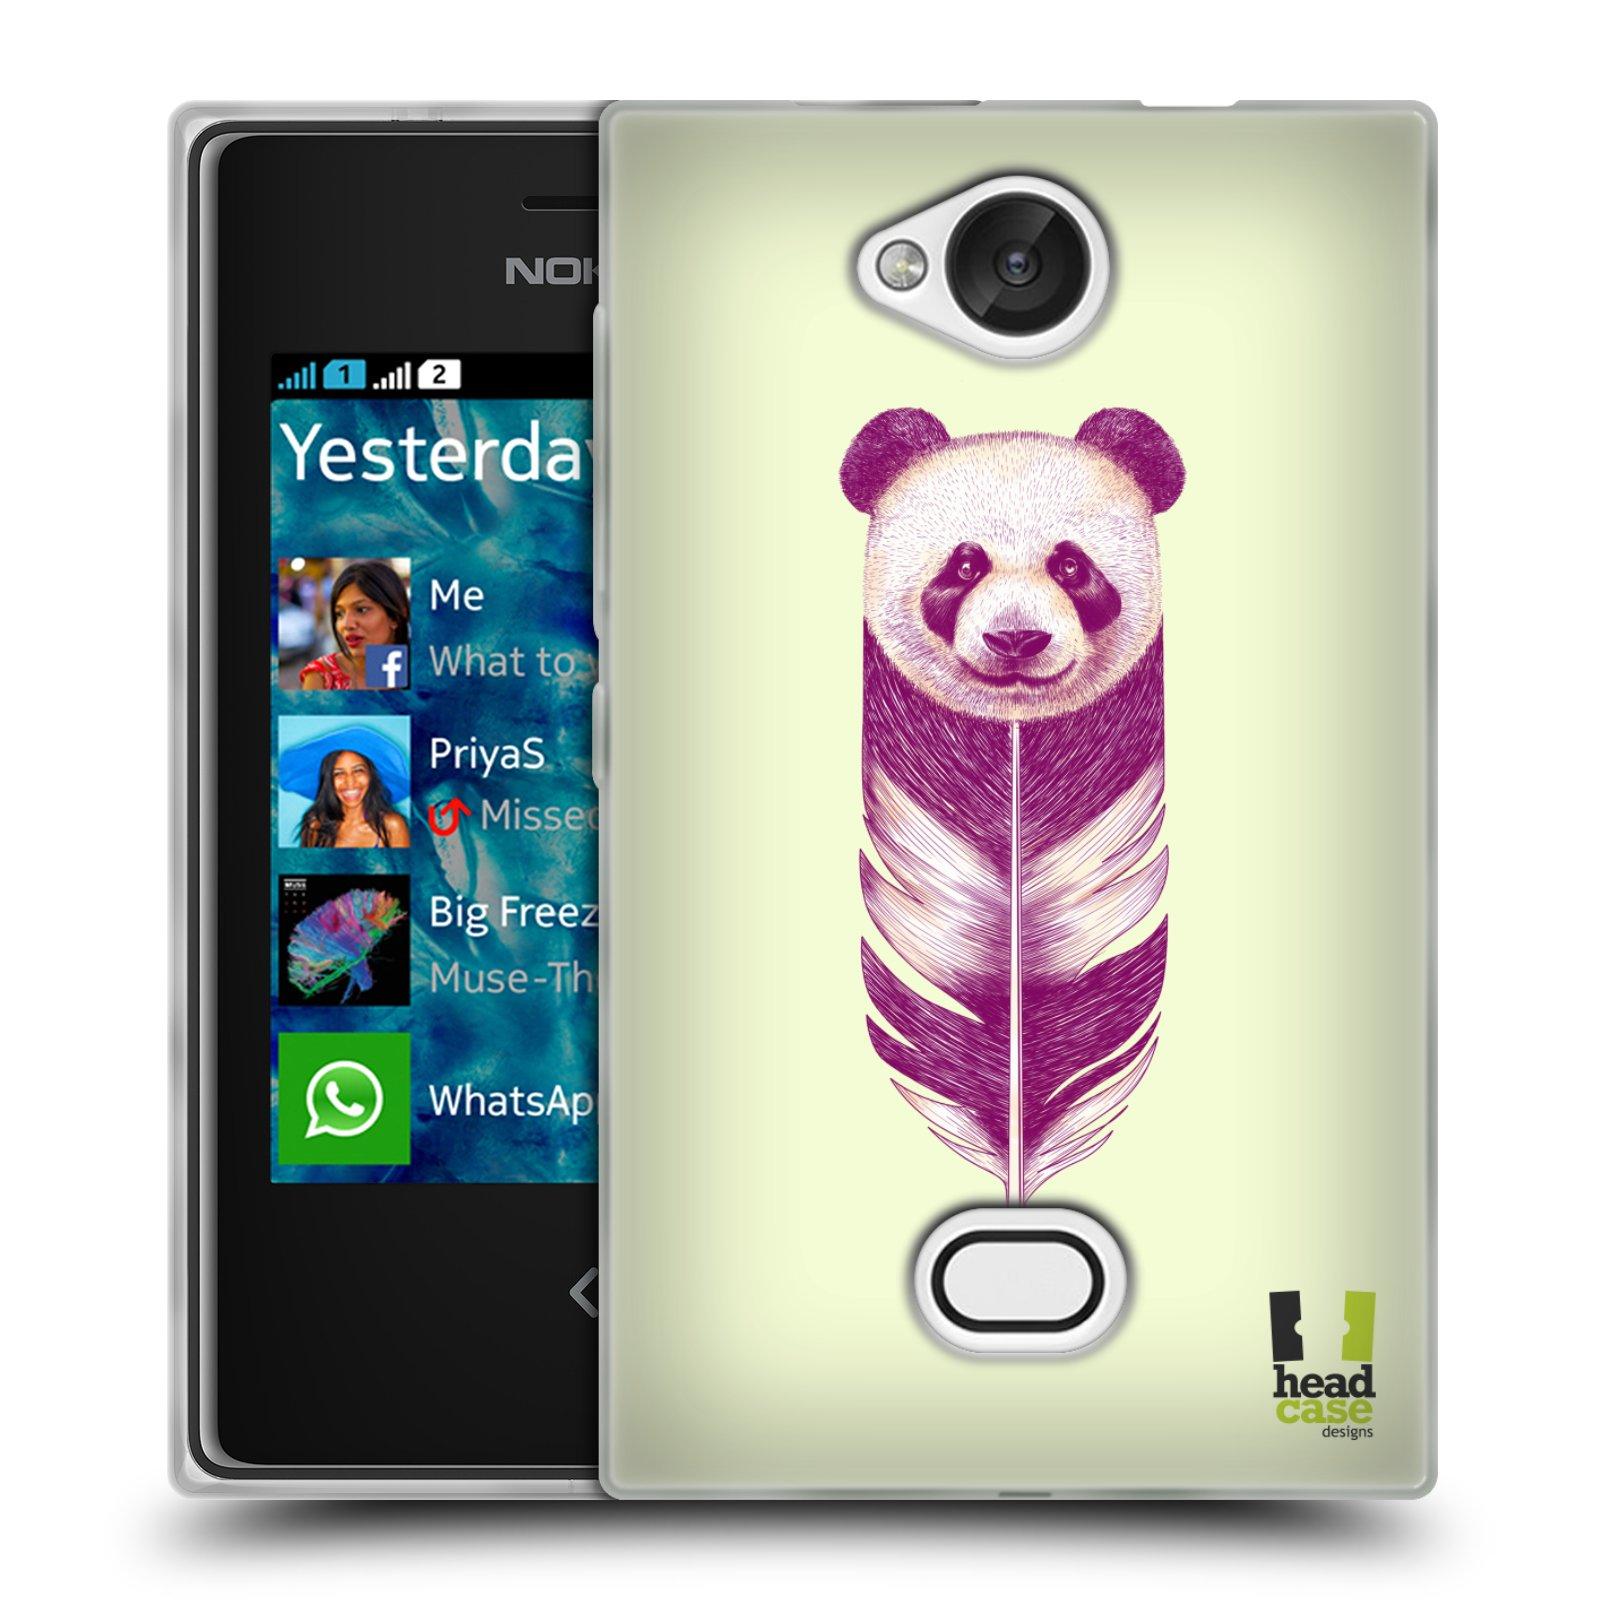 HEAD CASE silikonový obal na mobil NOKIA Asha 503 vzor zvířecí pírka panda